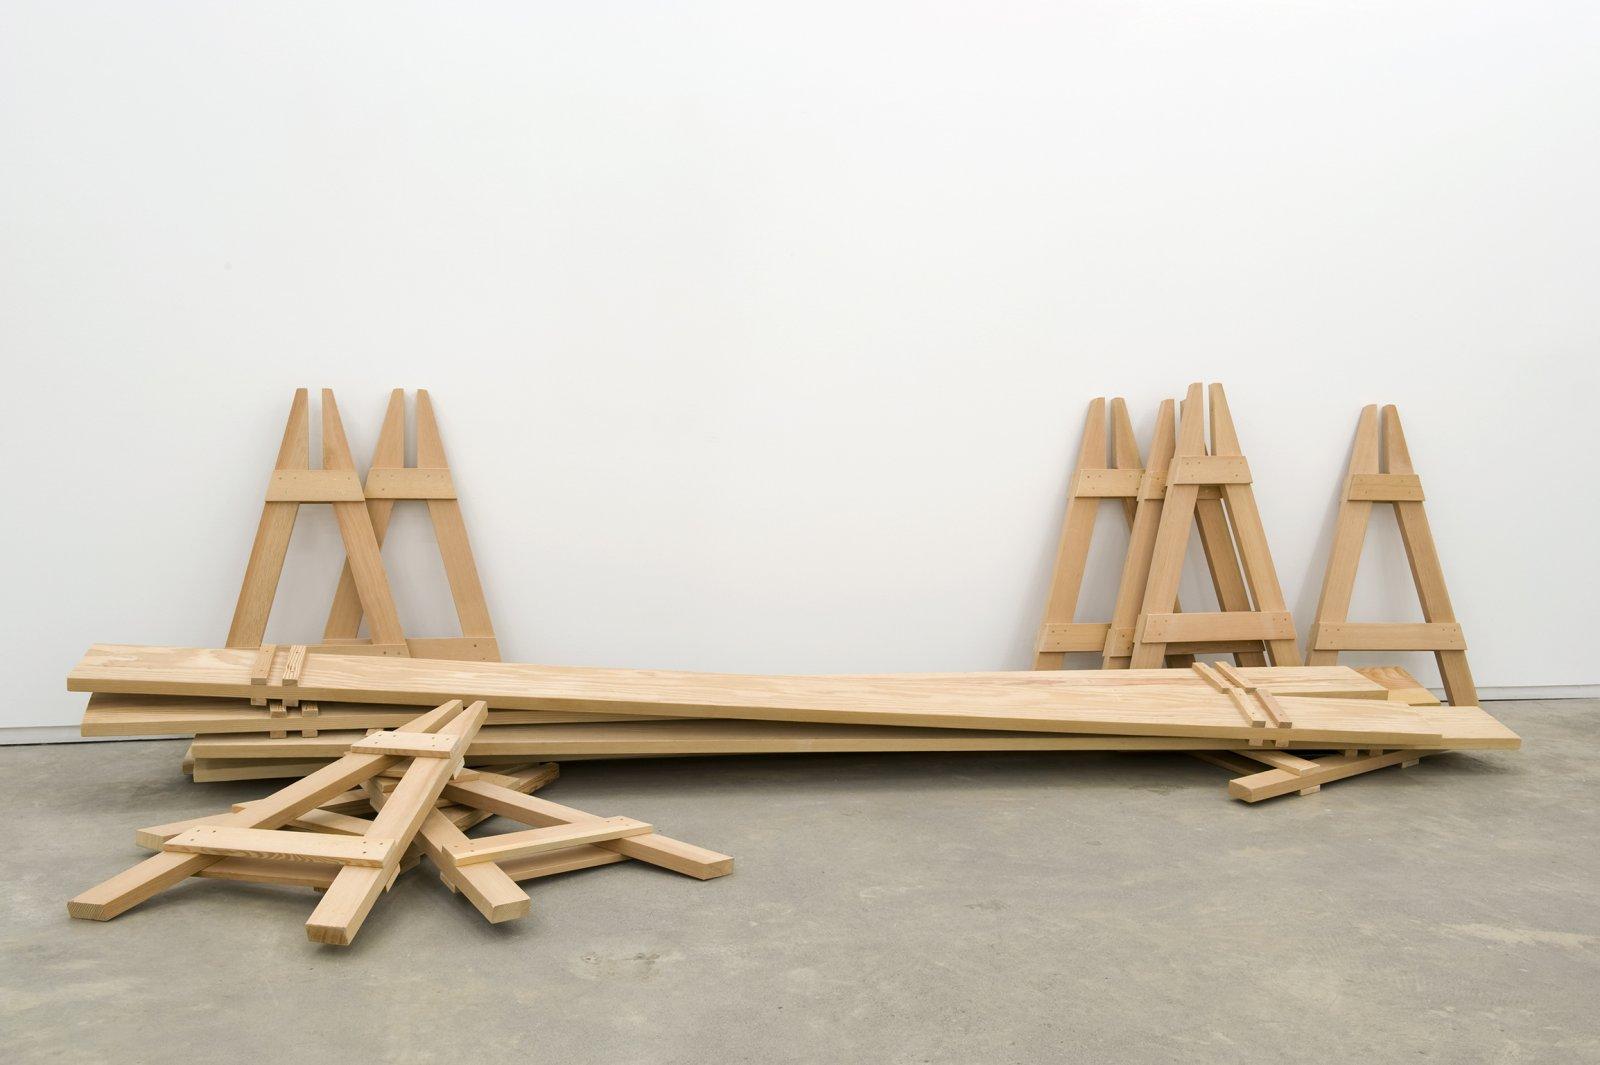 Brian Jungen, Barricades, 2010, fir, 5 parts, each: 41 x 26 x 144 in. (104 x 66 x 366 cm) by Brian Jungen